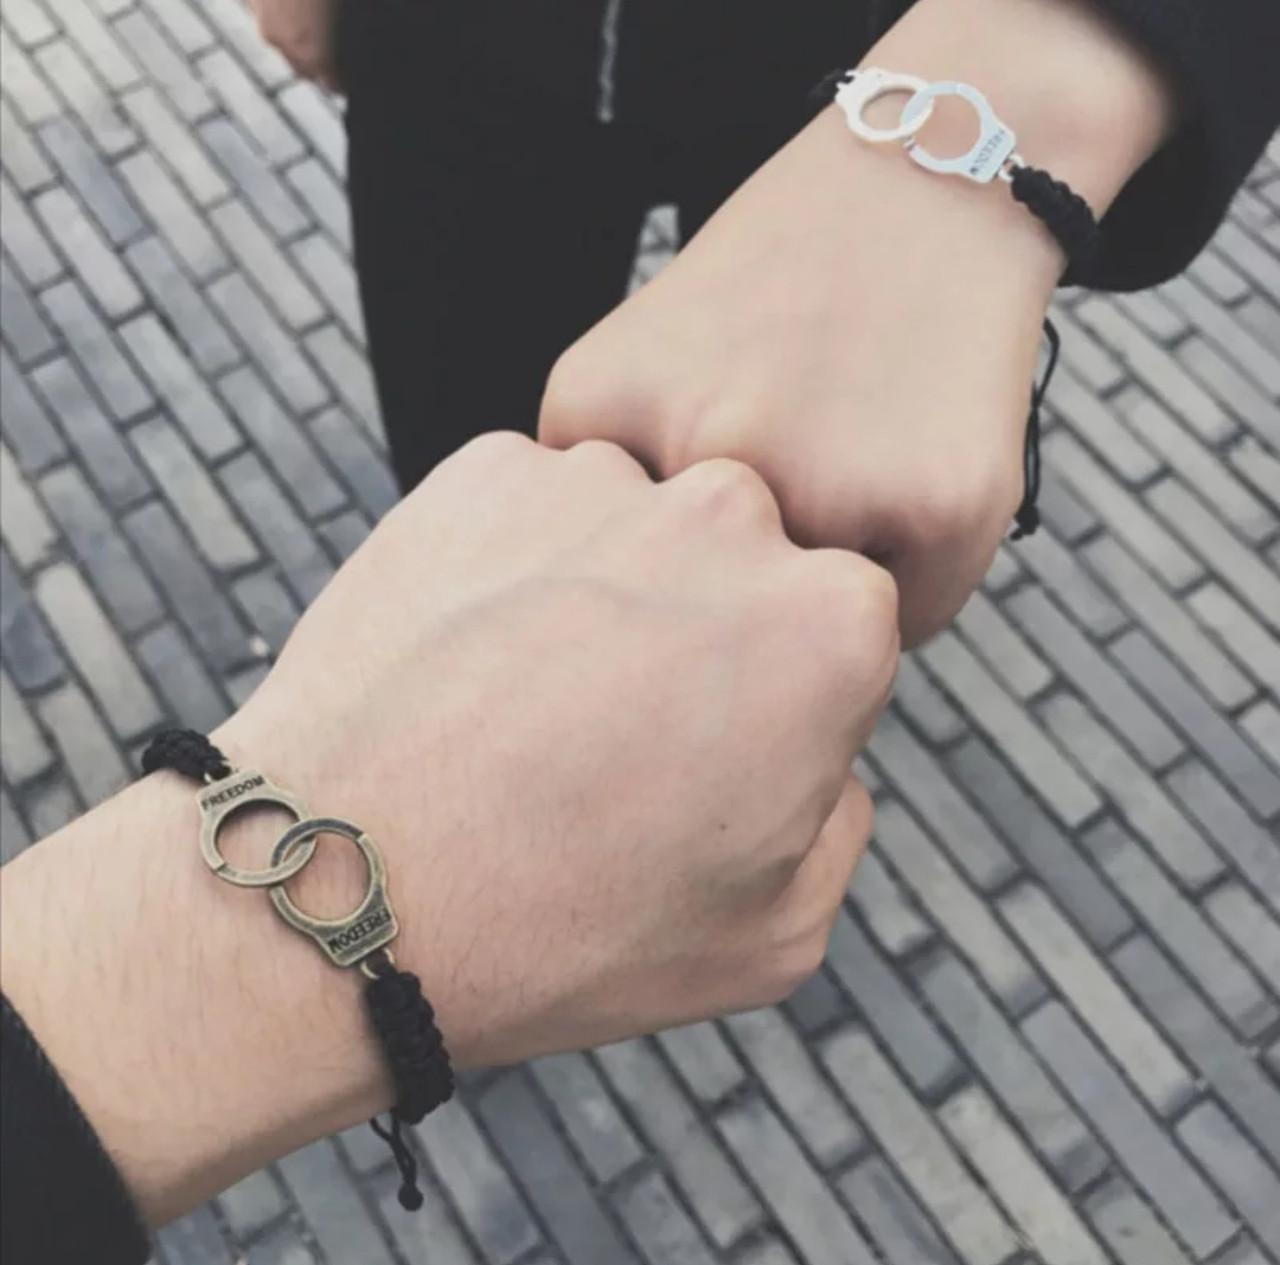 Браслет унісекс на руку наручники два кольори